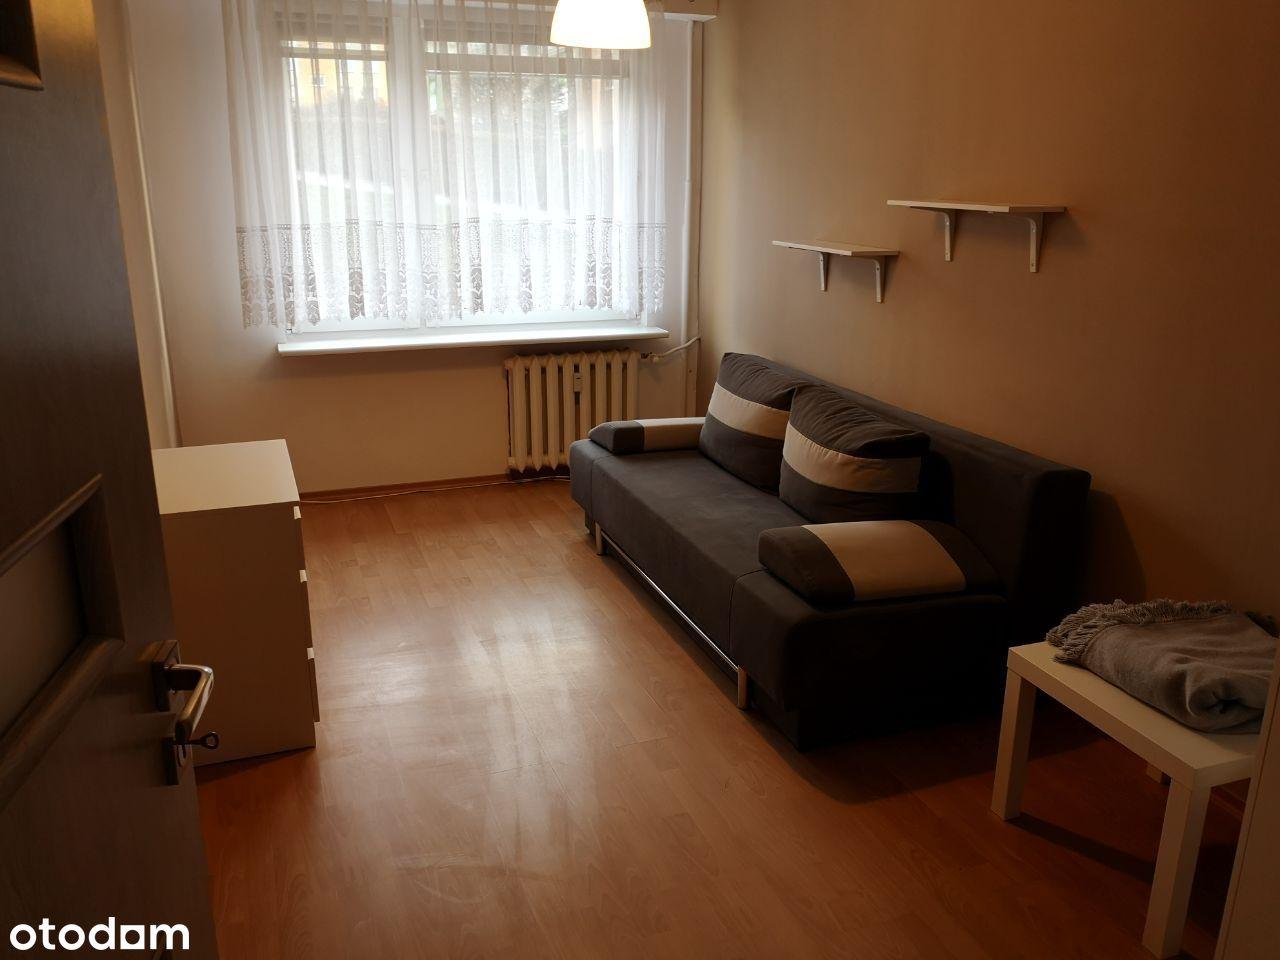 1-osobowy pokój w mieszkaniu w Chojnicach